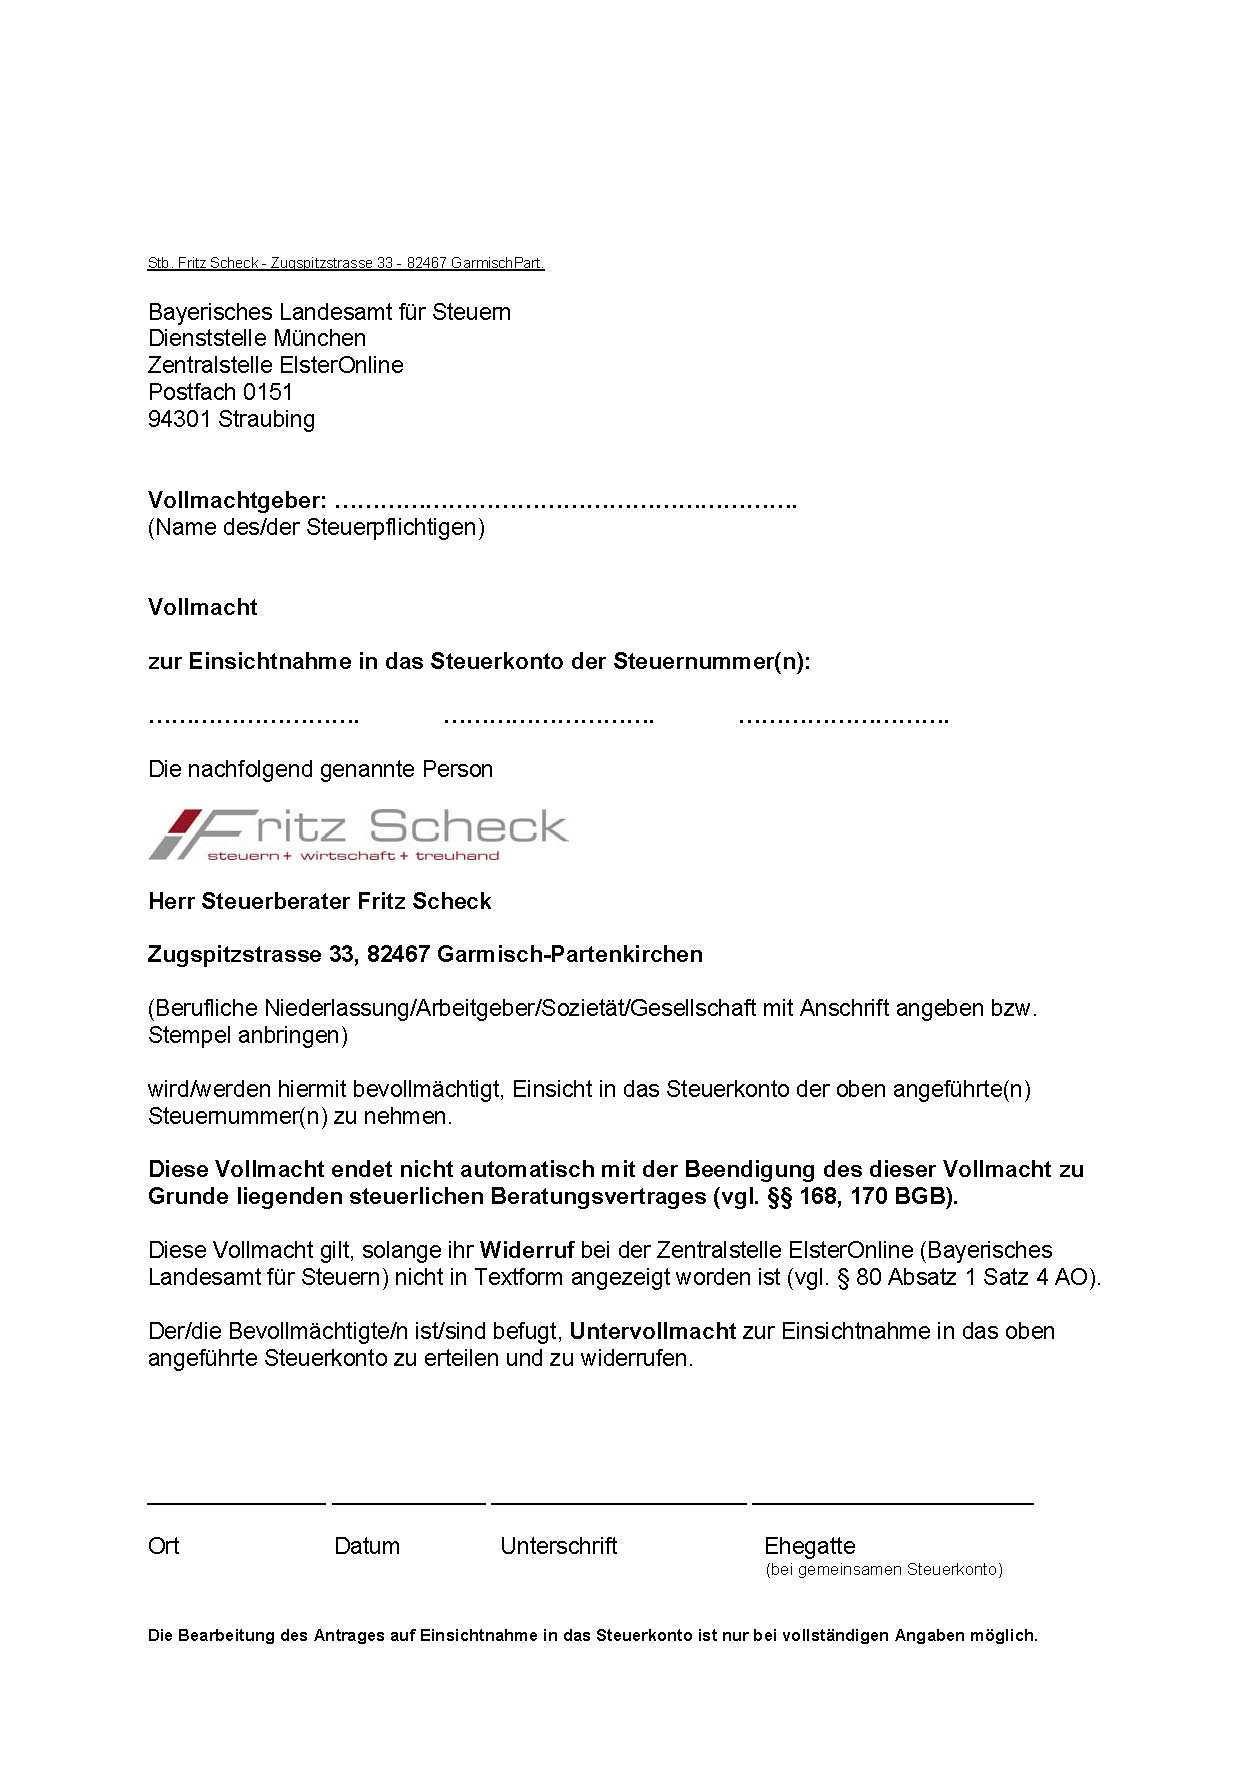 Vollmacht Zum Abruf Ihres Steuerkonto Beim Finanzamt Steuerberater Garmisch Partenkirchen Steuerkanzlei Scheck